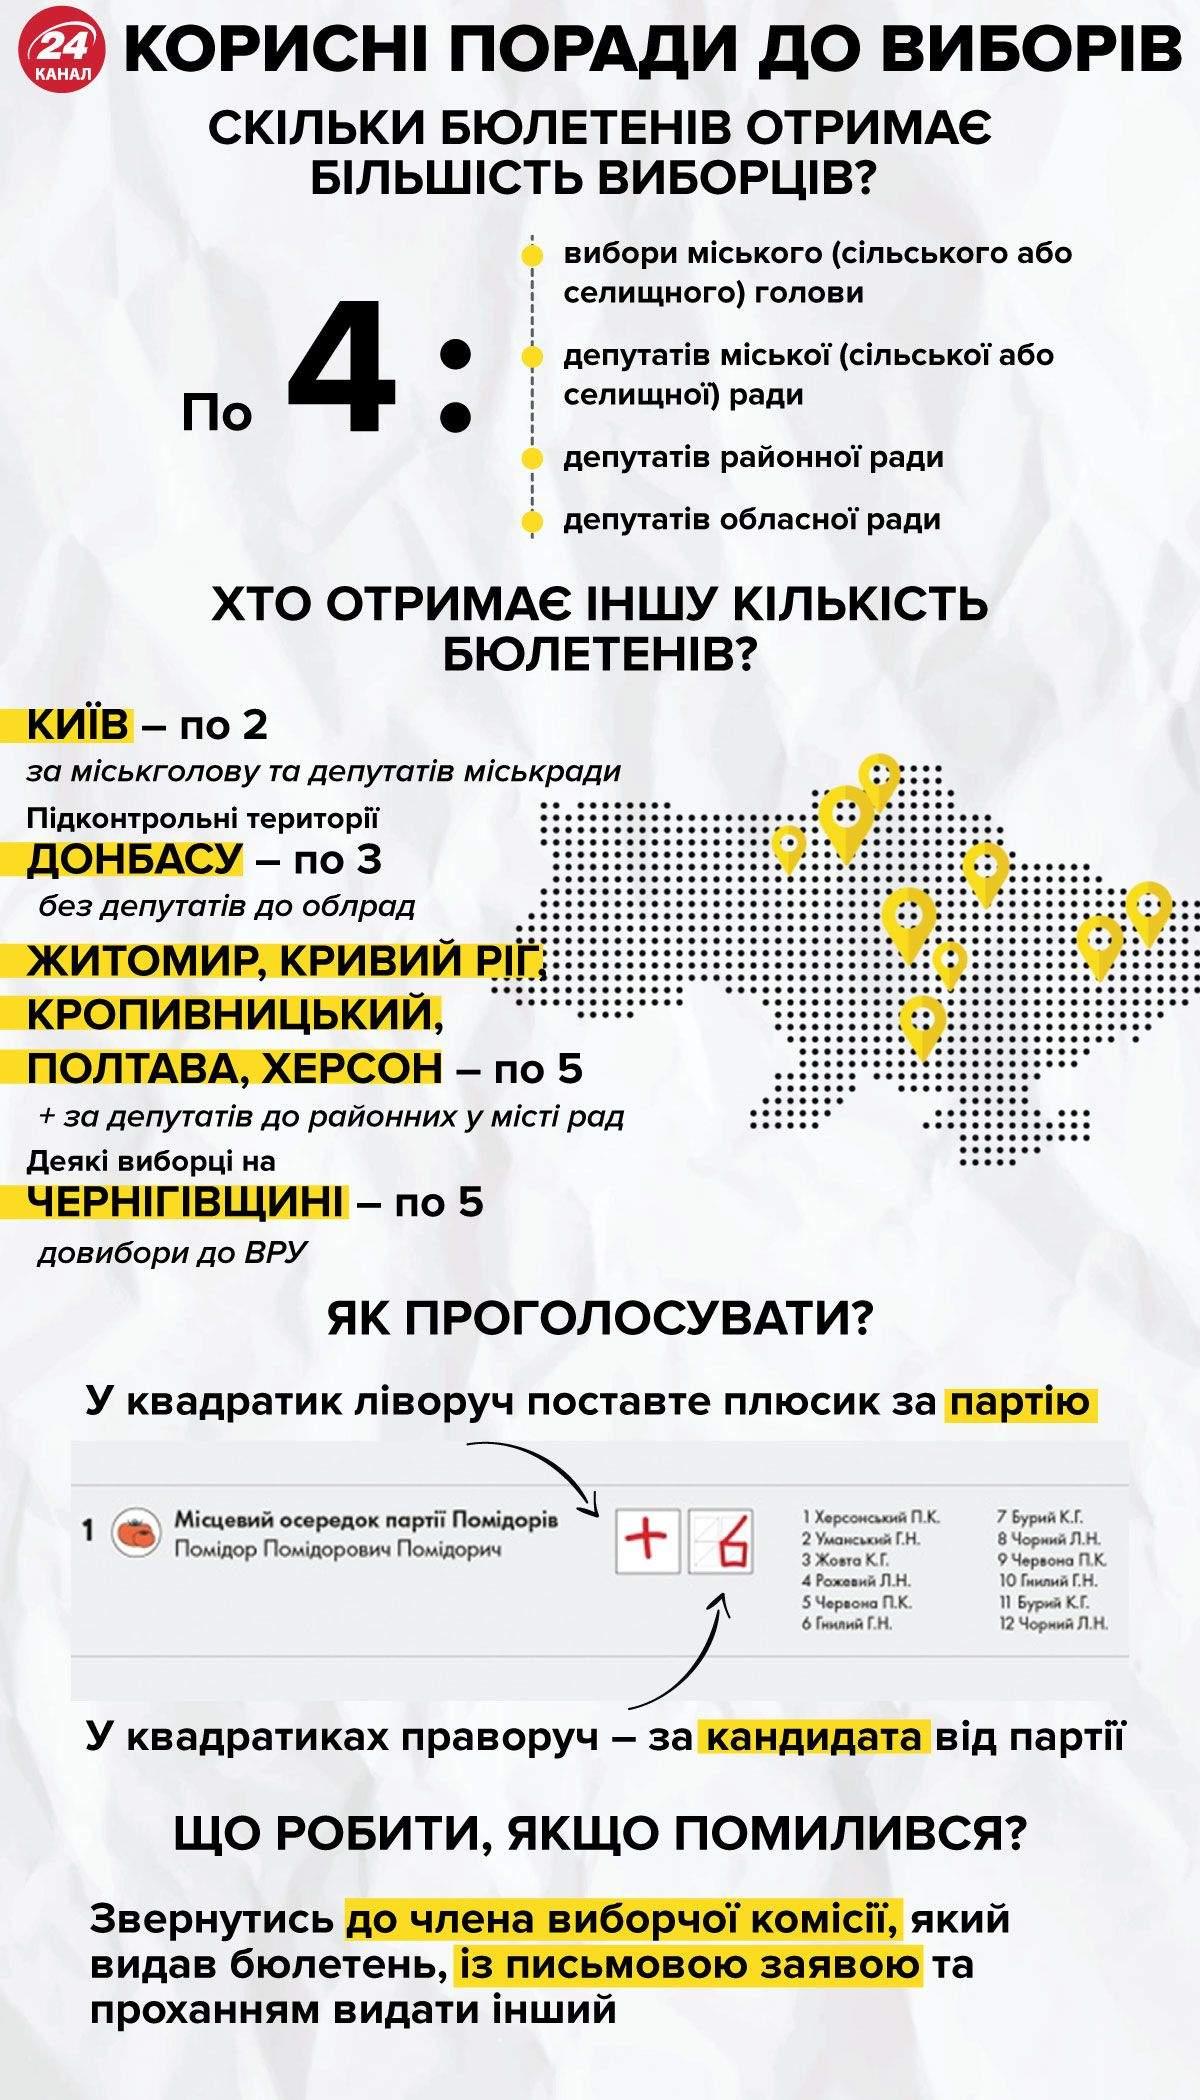 Количество бюллетеней у избирателя Инфографика 24 канала